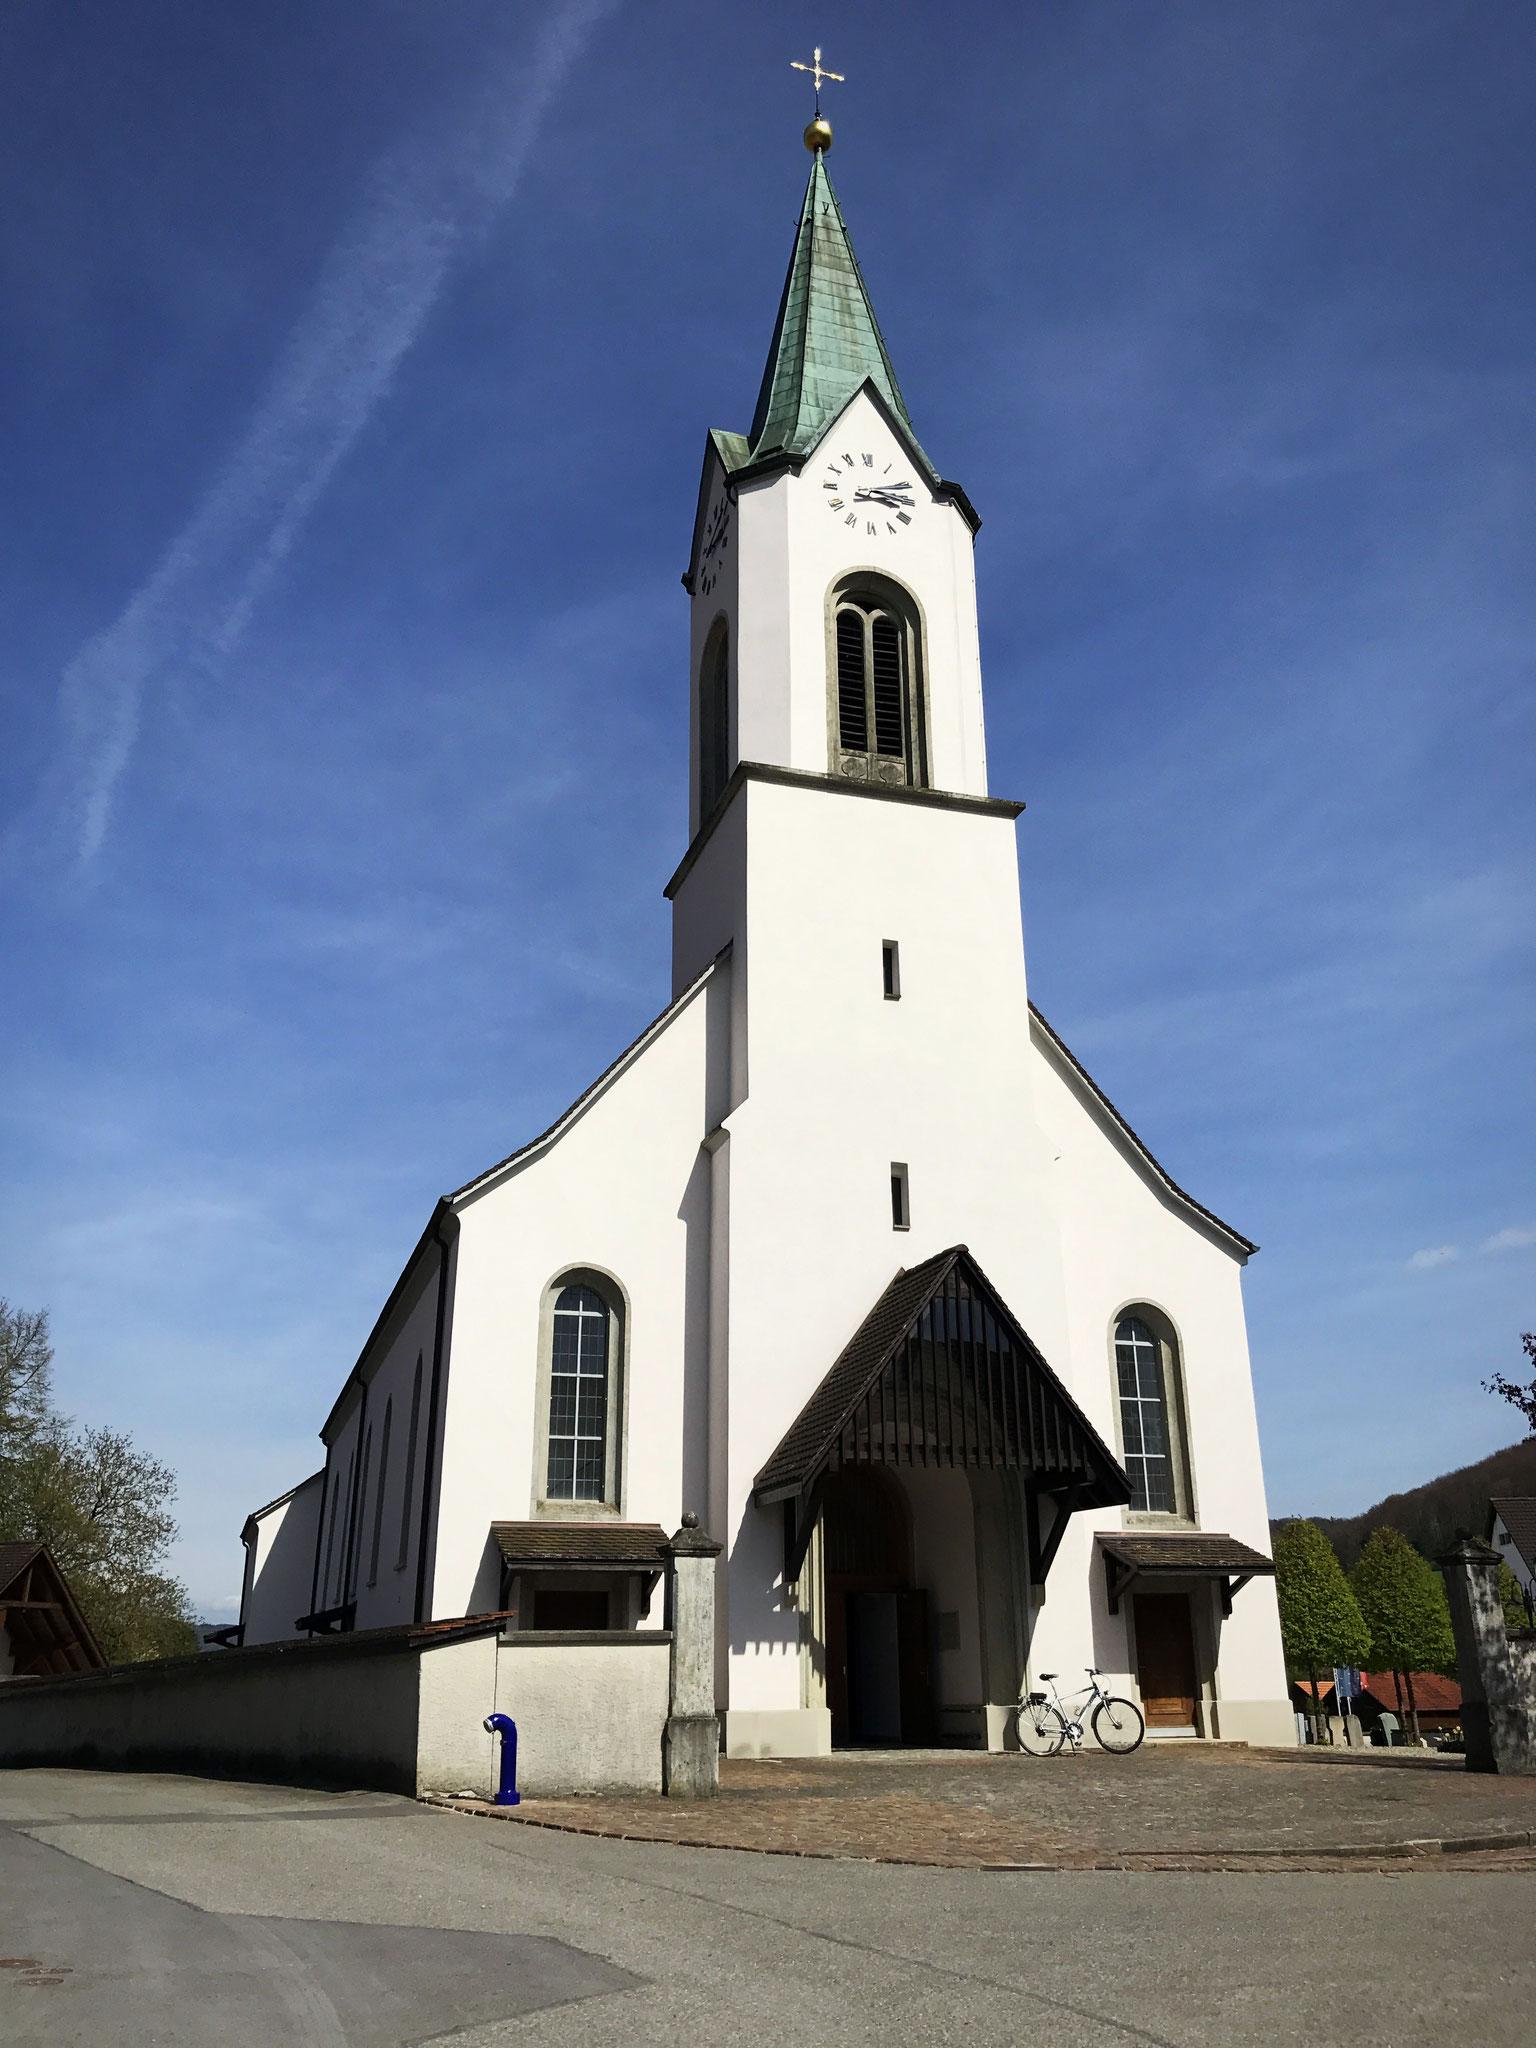 Katholische Kirche Wittnau: Renovation und Restauration